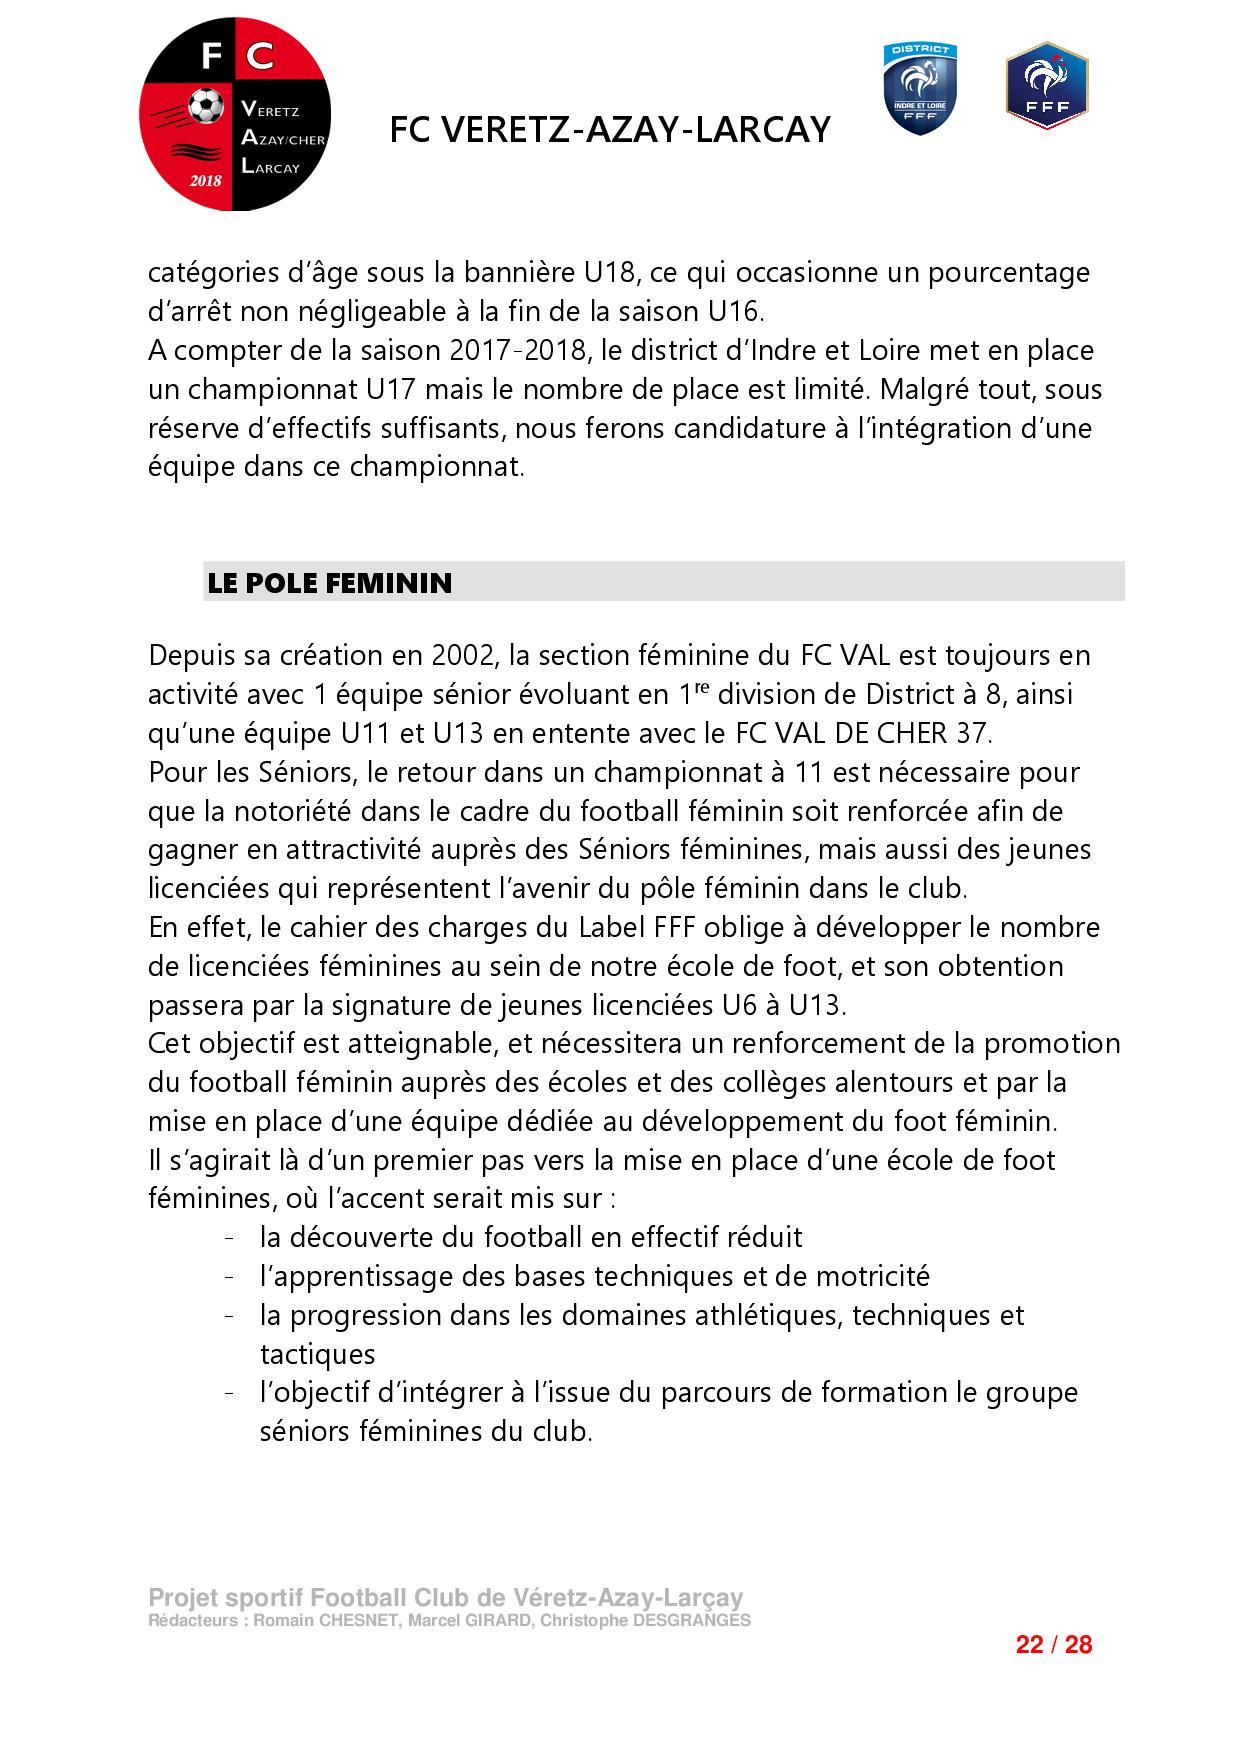 projet_sportif_2017-202022.jpg